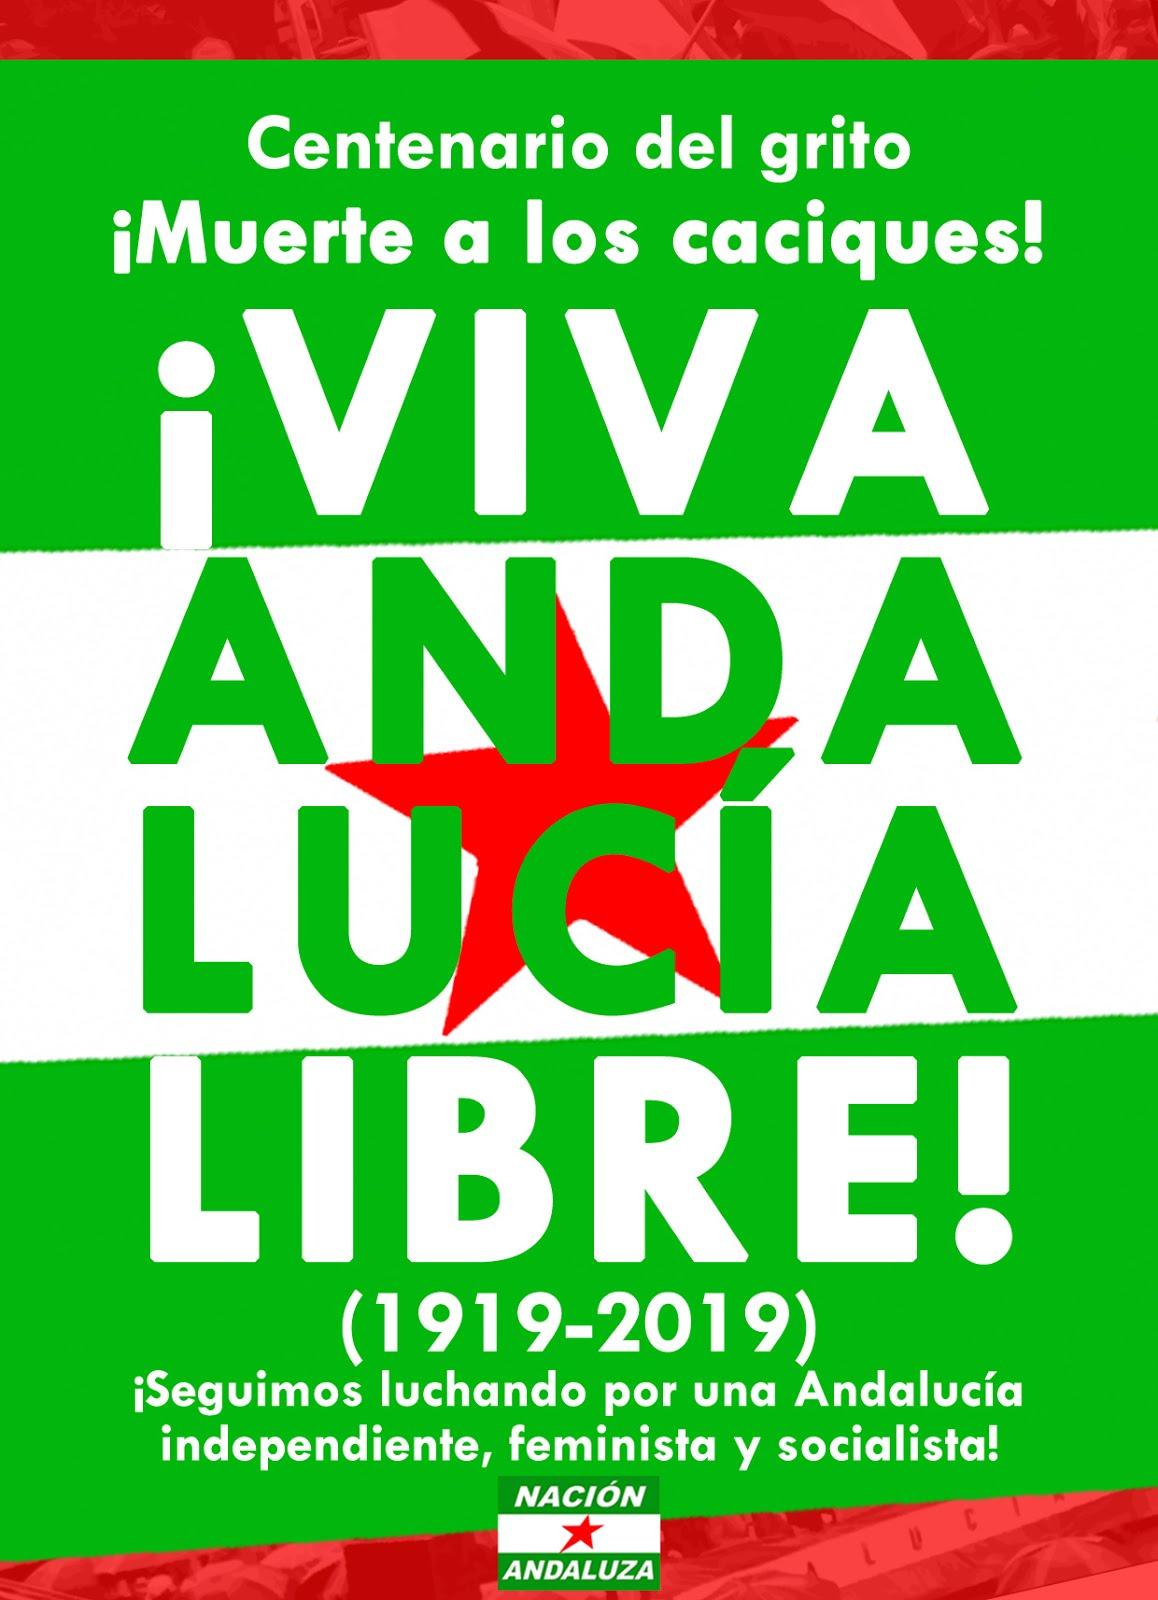 Centenario del grito ¡Viva Andalucía libre! (1919-2019)